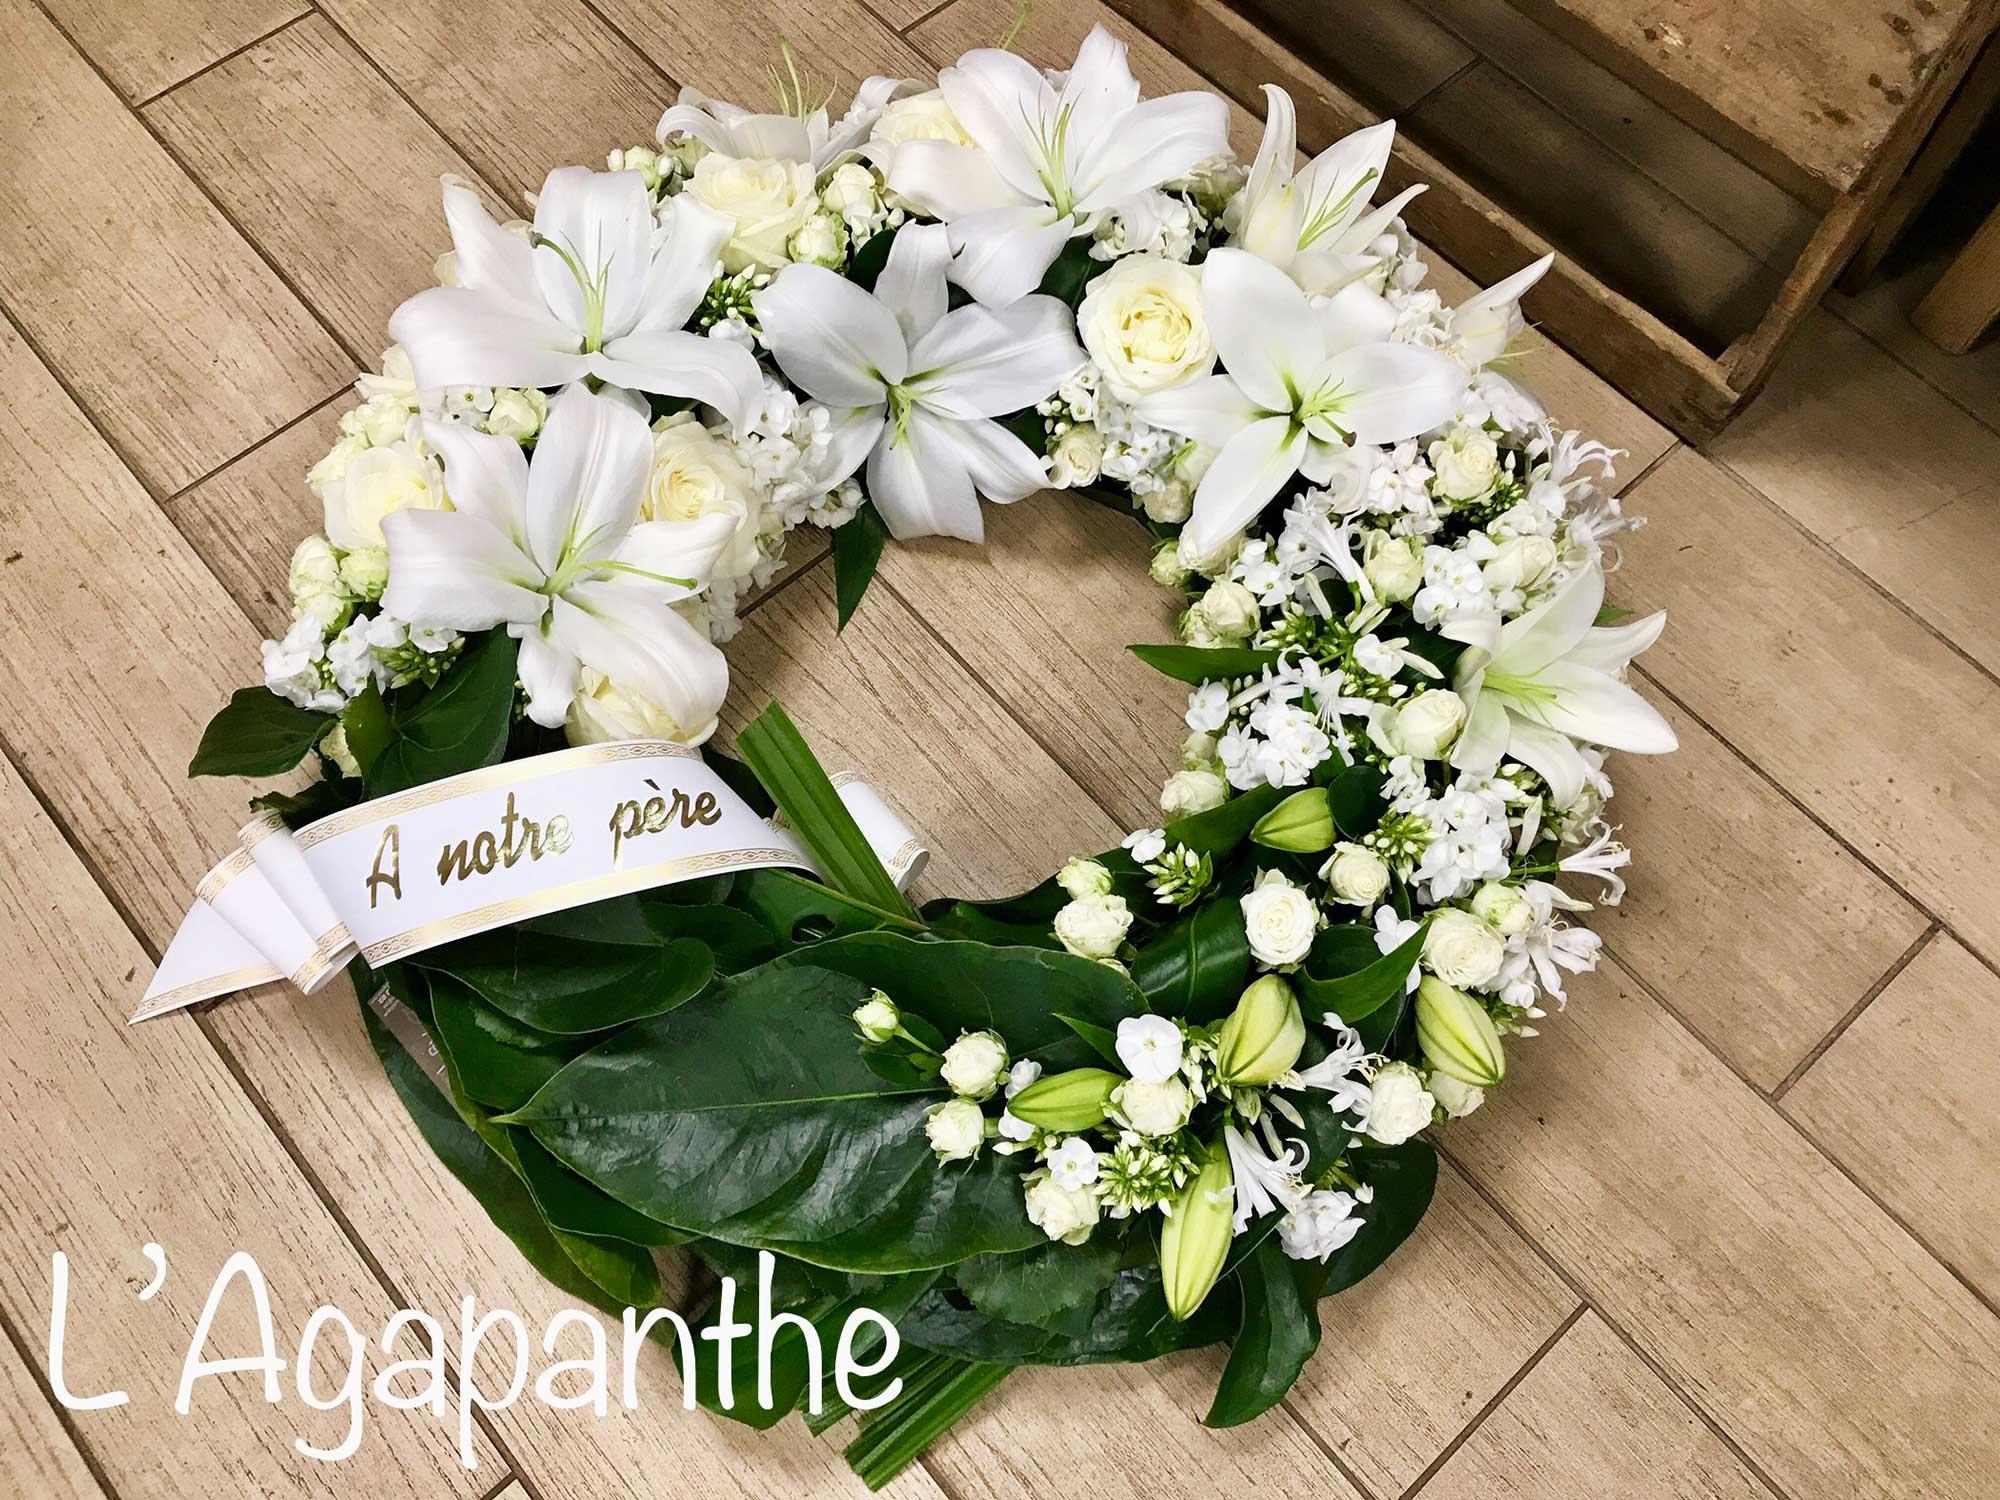 L'Agapanthe - événement deuil